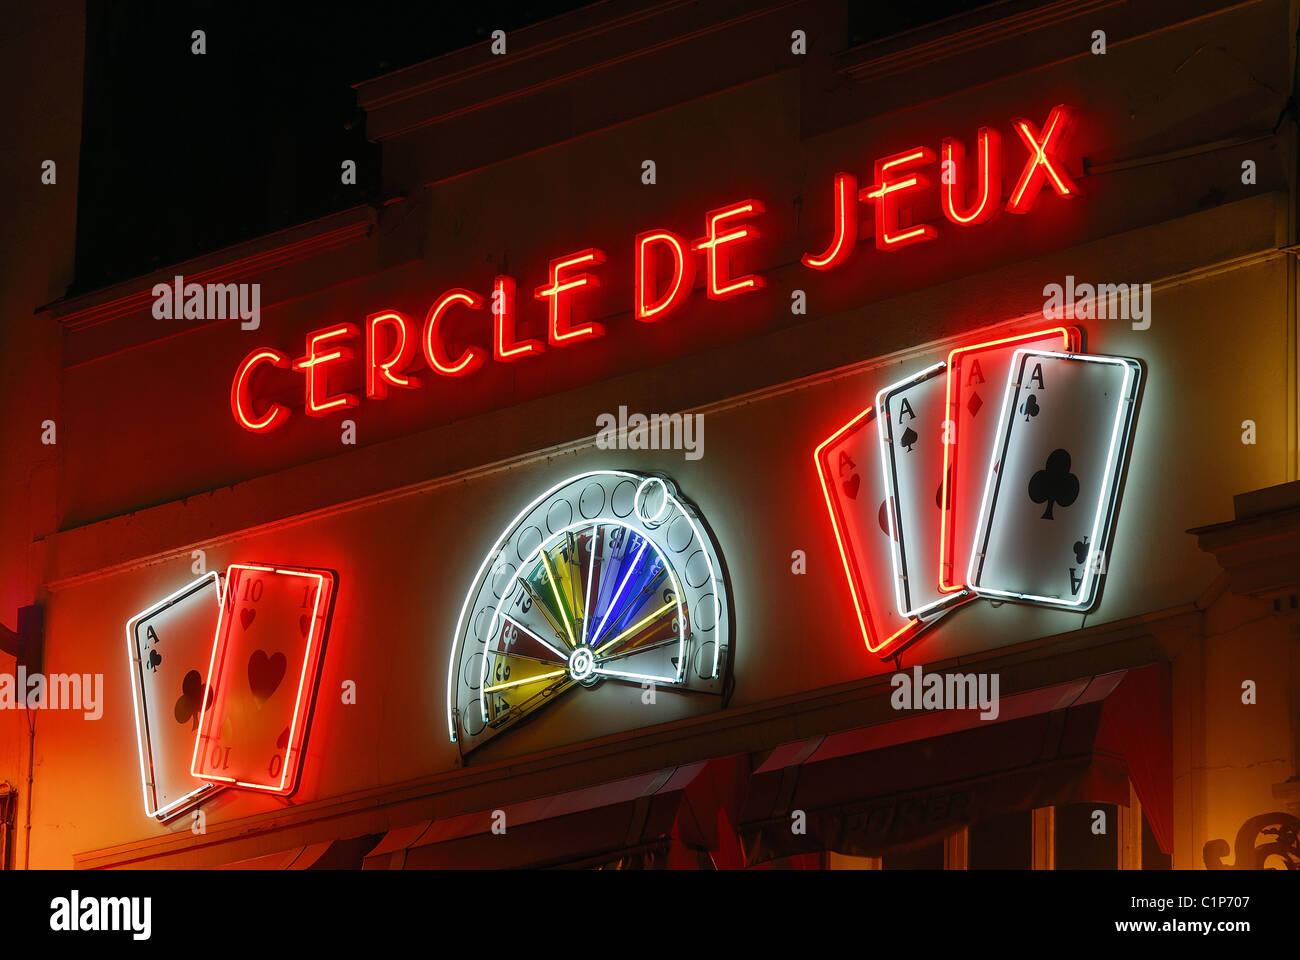 France, Paris, Cercle des Jeux Clichy-Montmartre, Rue de Clichy - Stock Image